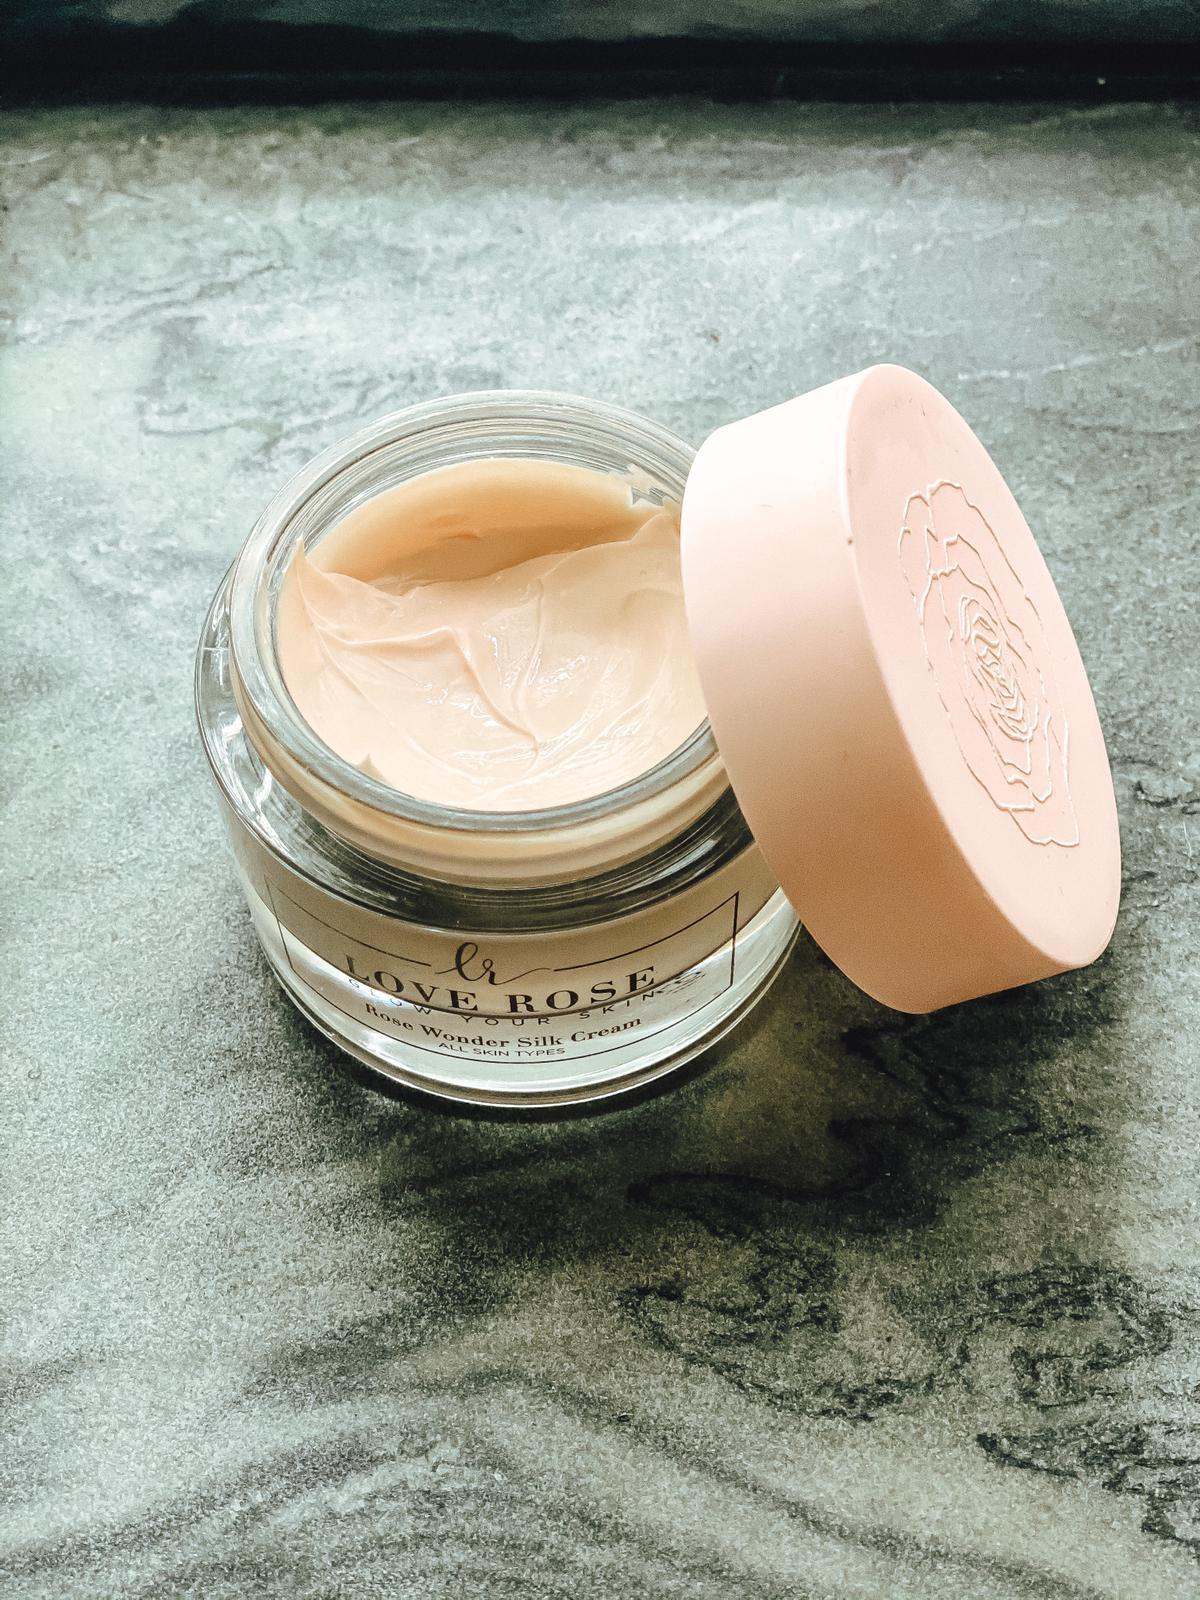 Rose Wonder Silk Cream